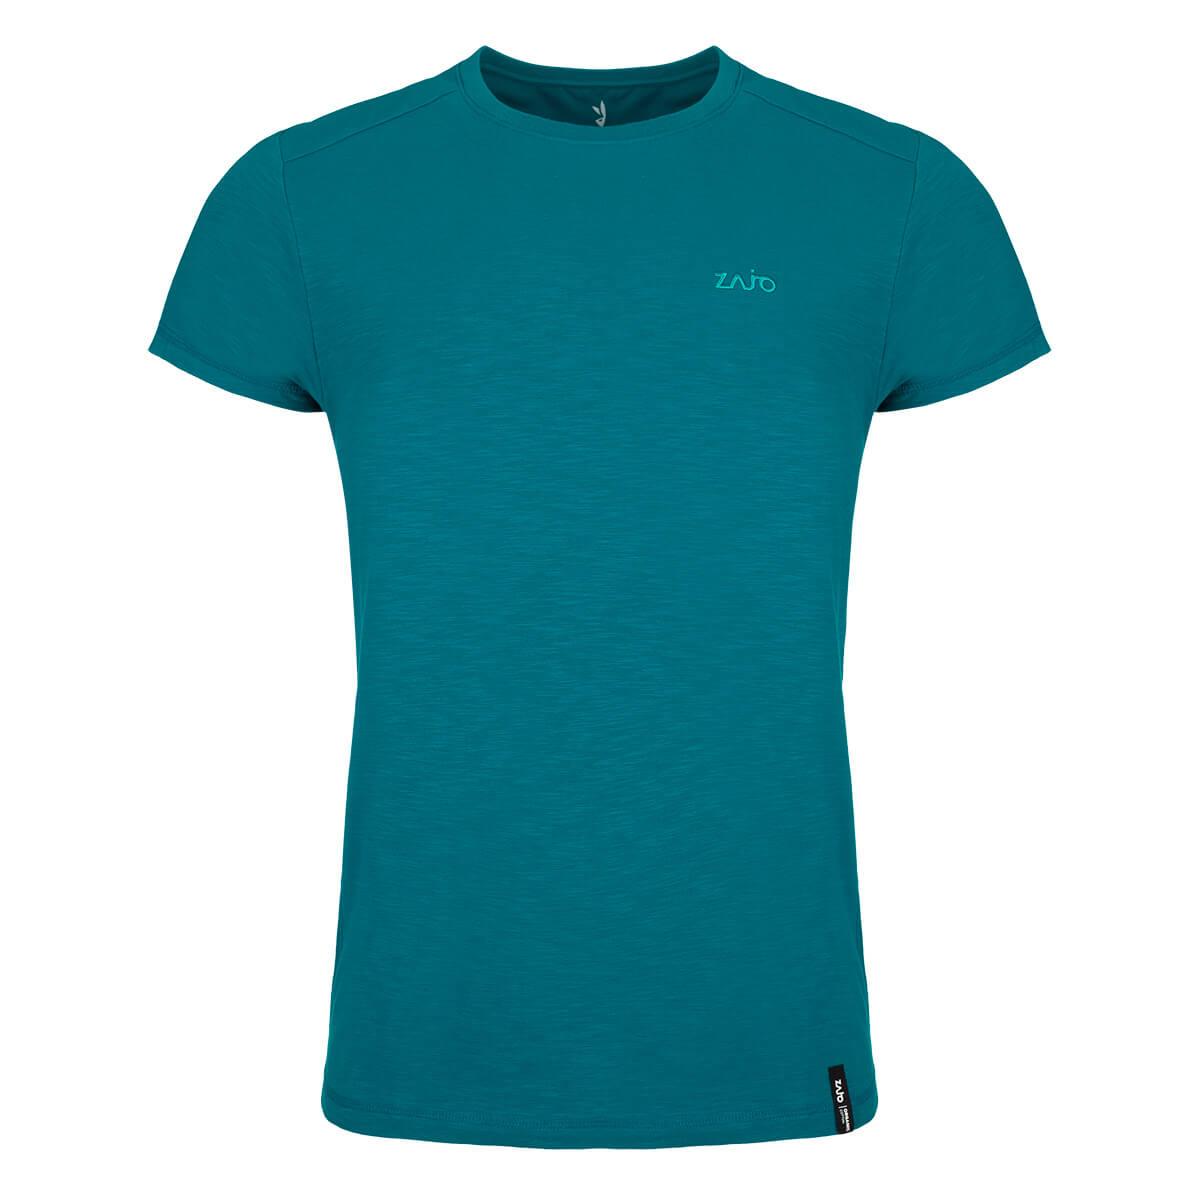 ZAJO Sven T-Shirt SS pánske tričko Deep Lagoon - veľkosť S